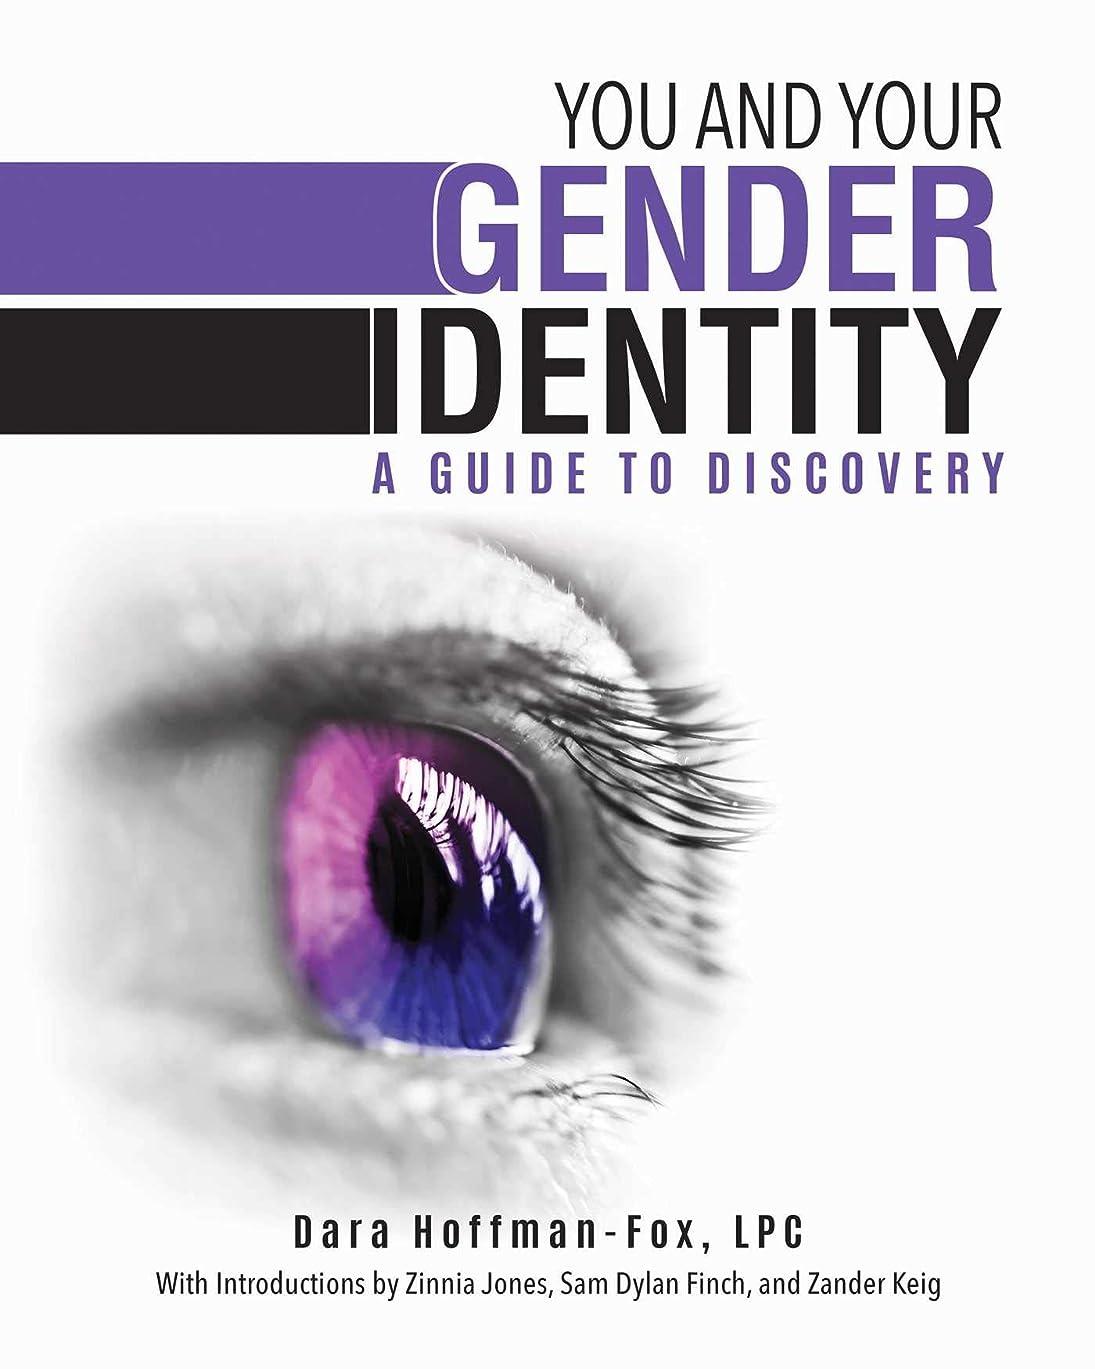 違法分配しますフェンスYou and Your Gender Identity: A Guide to Discovery (English Edition)